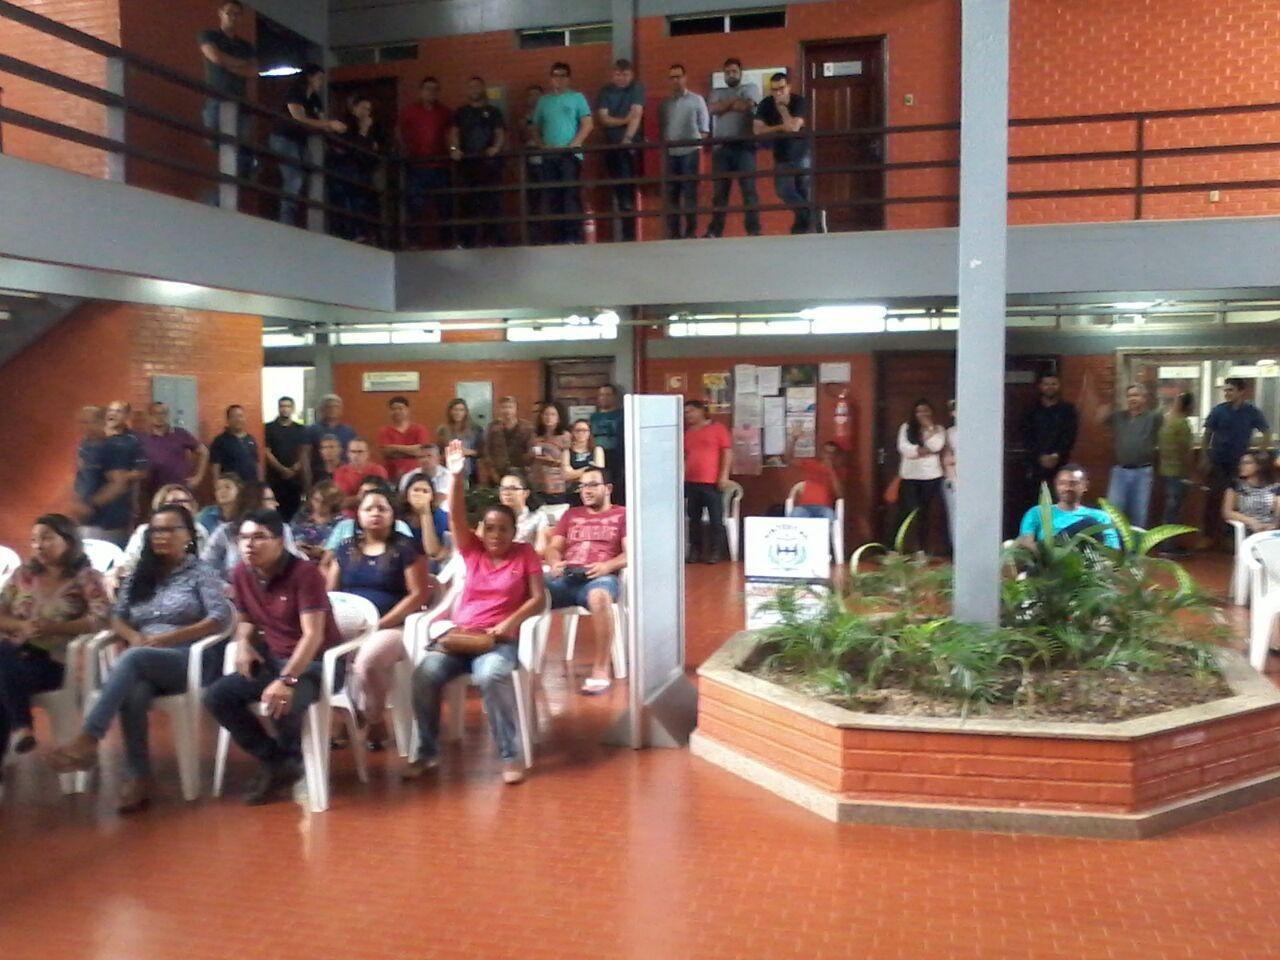 Em assembleia, técnicos administrativos da Ufac decidem entrar em greve por tempo indeterminado